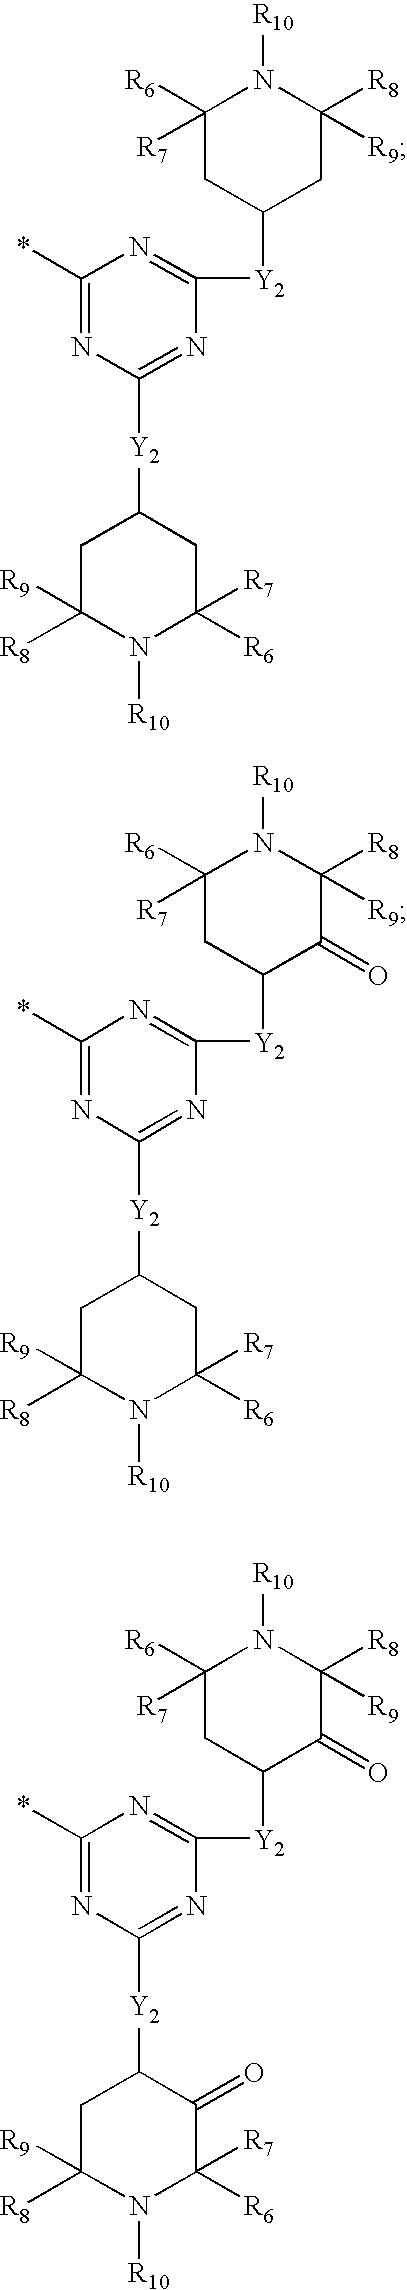 Figure US20040143041A1-20040722-C00036